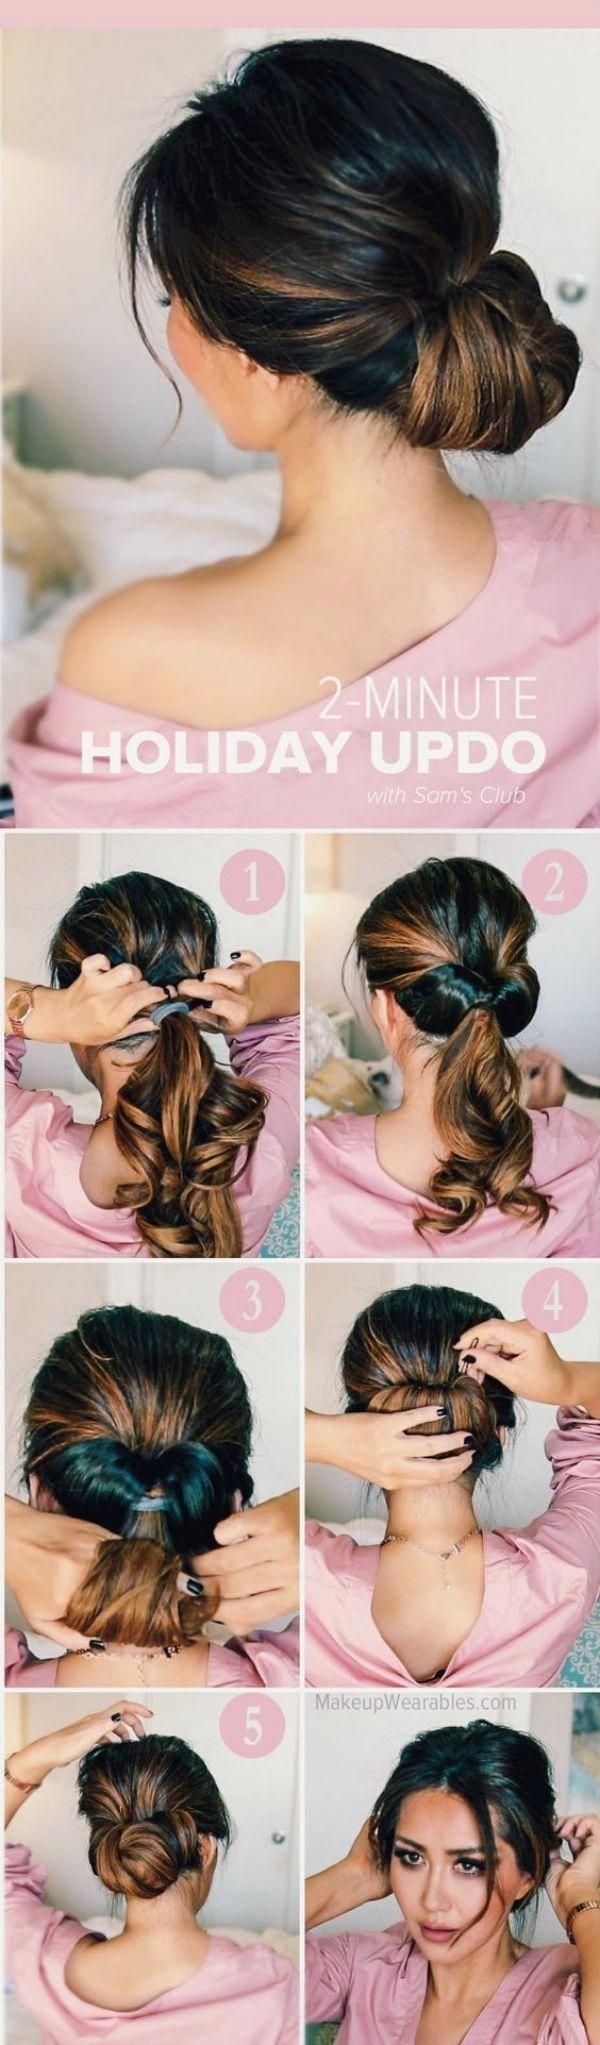 2 MINUTEN UPDO HAIRSTYLE || Easy-Frisuren-für-die-Arbeit-für-den-Alltag || E ...  #alltag #arbeit #frisuren #hairstyle #minuten